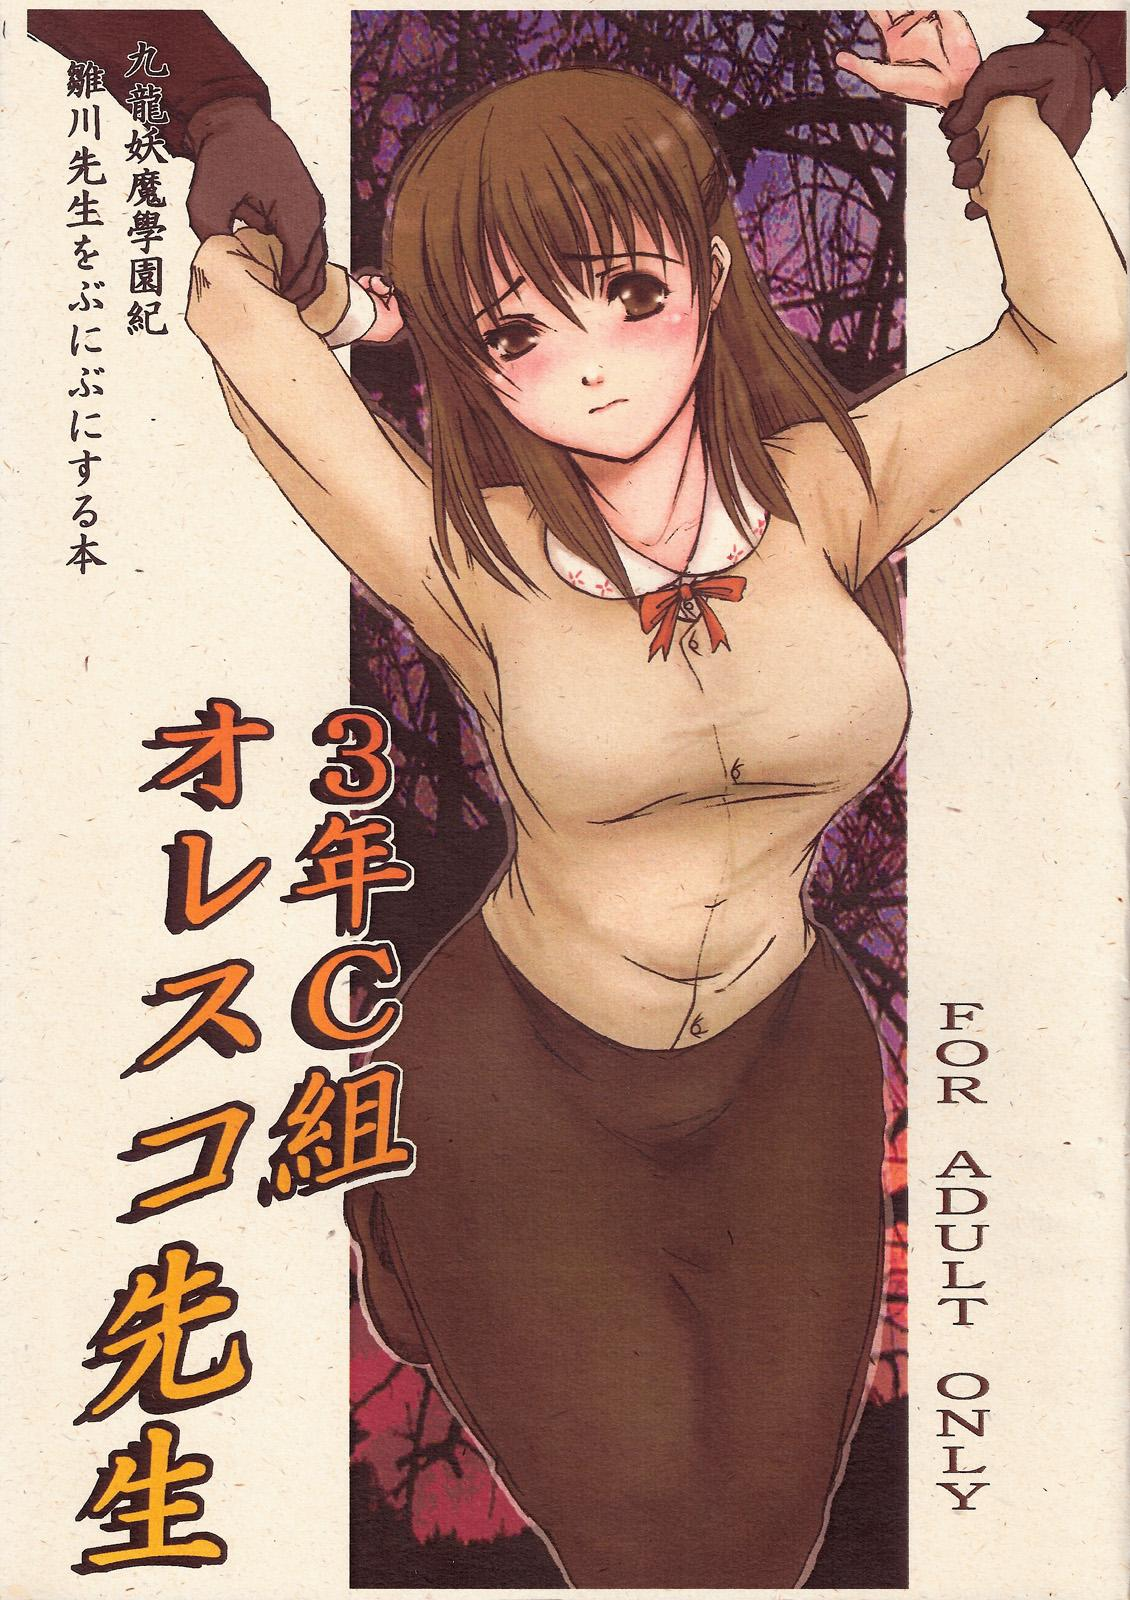 3 Nen C Gumi Oresuko Sensei 0